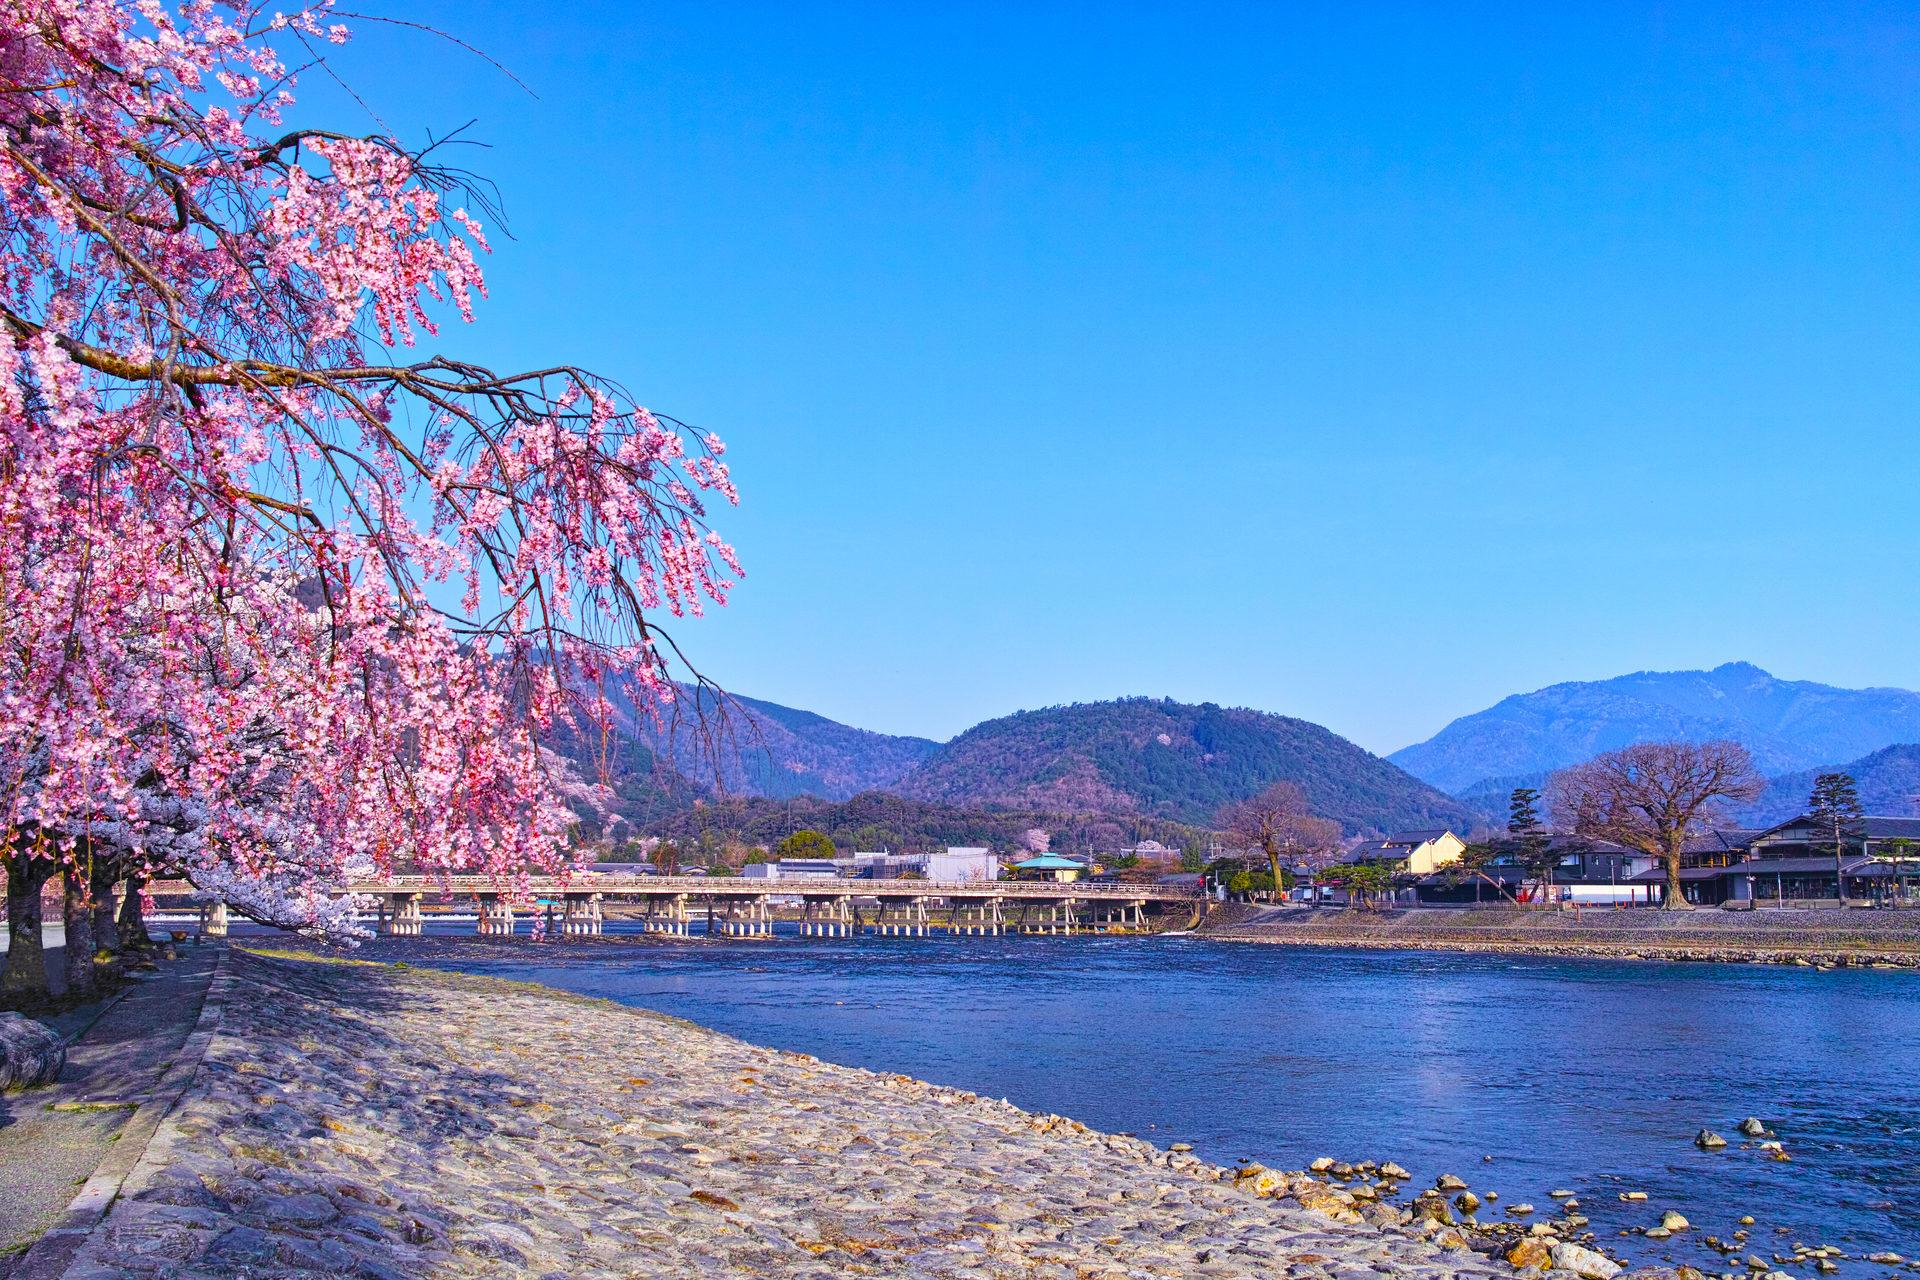 說到春天京都的約會地點就是這裡!